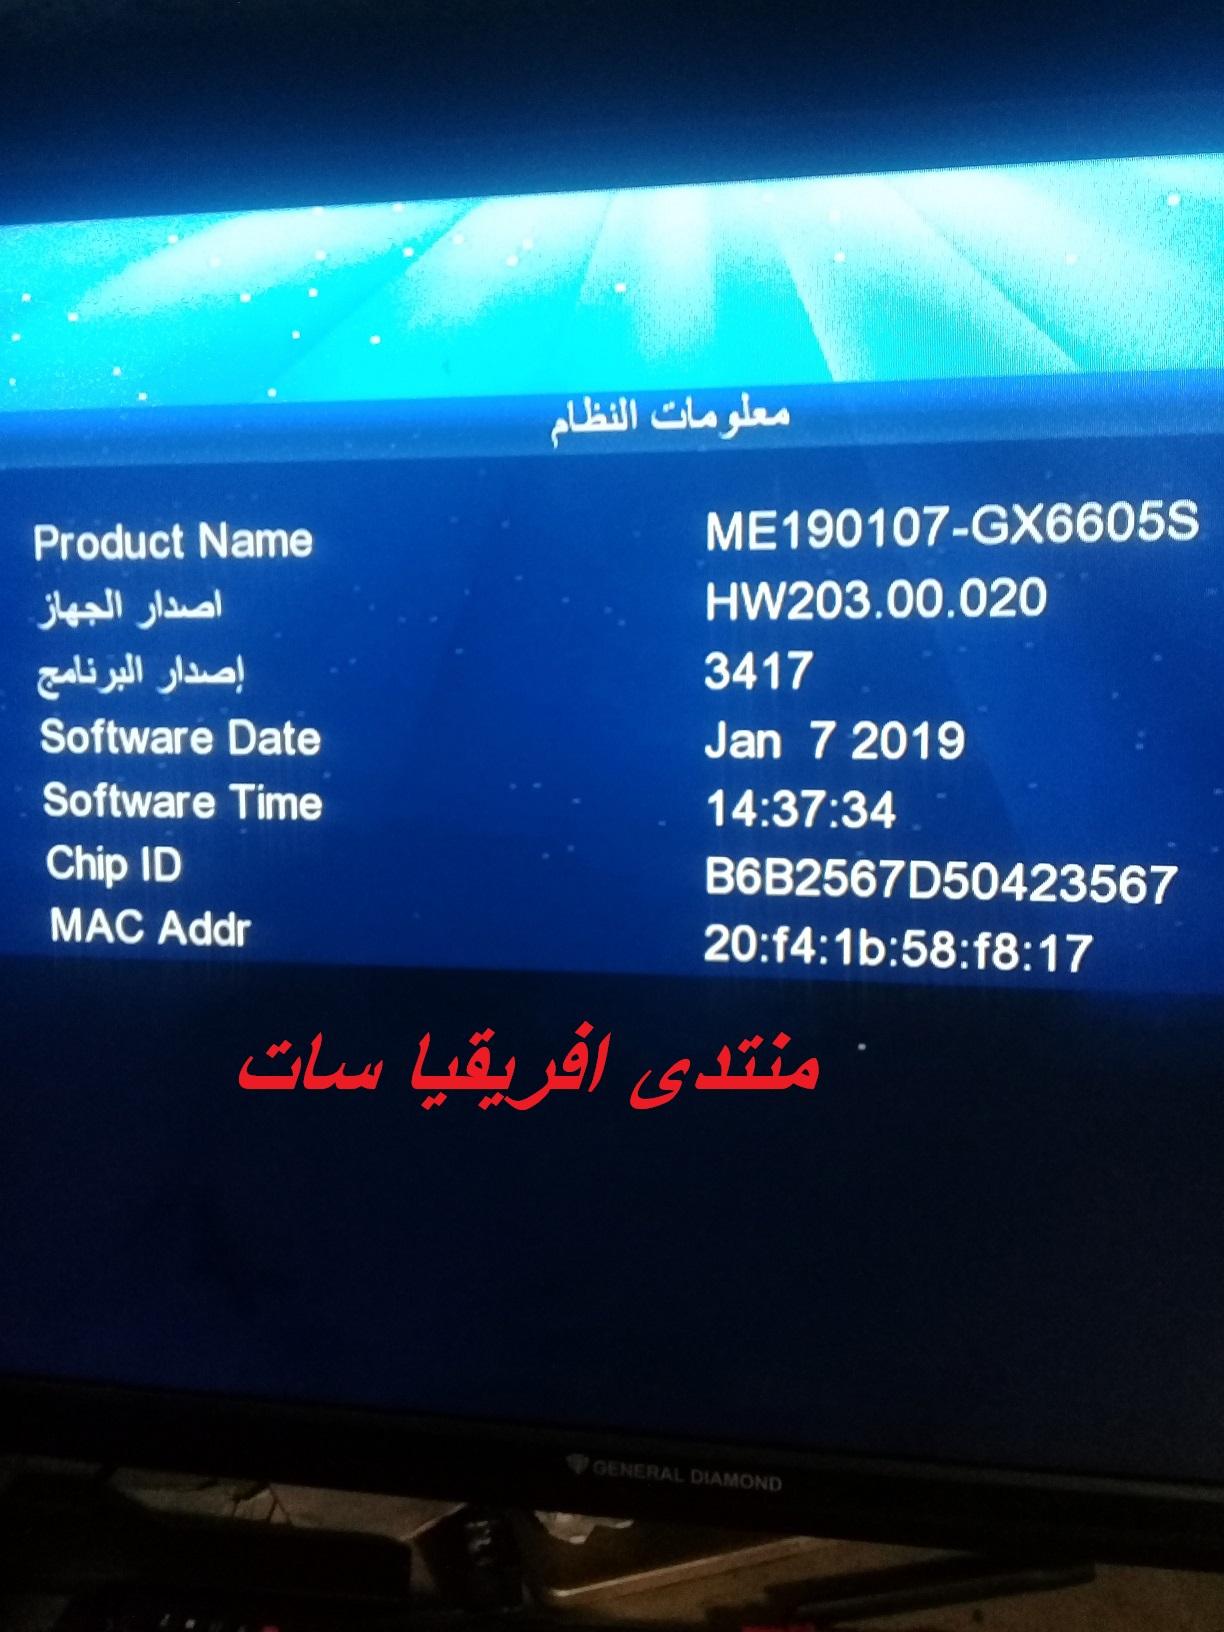 حصريا تحويل معالج gx6605s hdbox-6969 attachment.php?attac